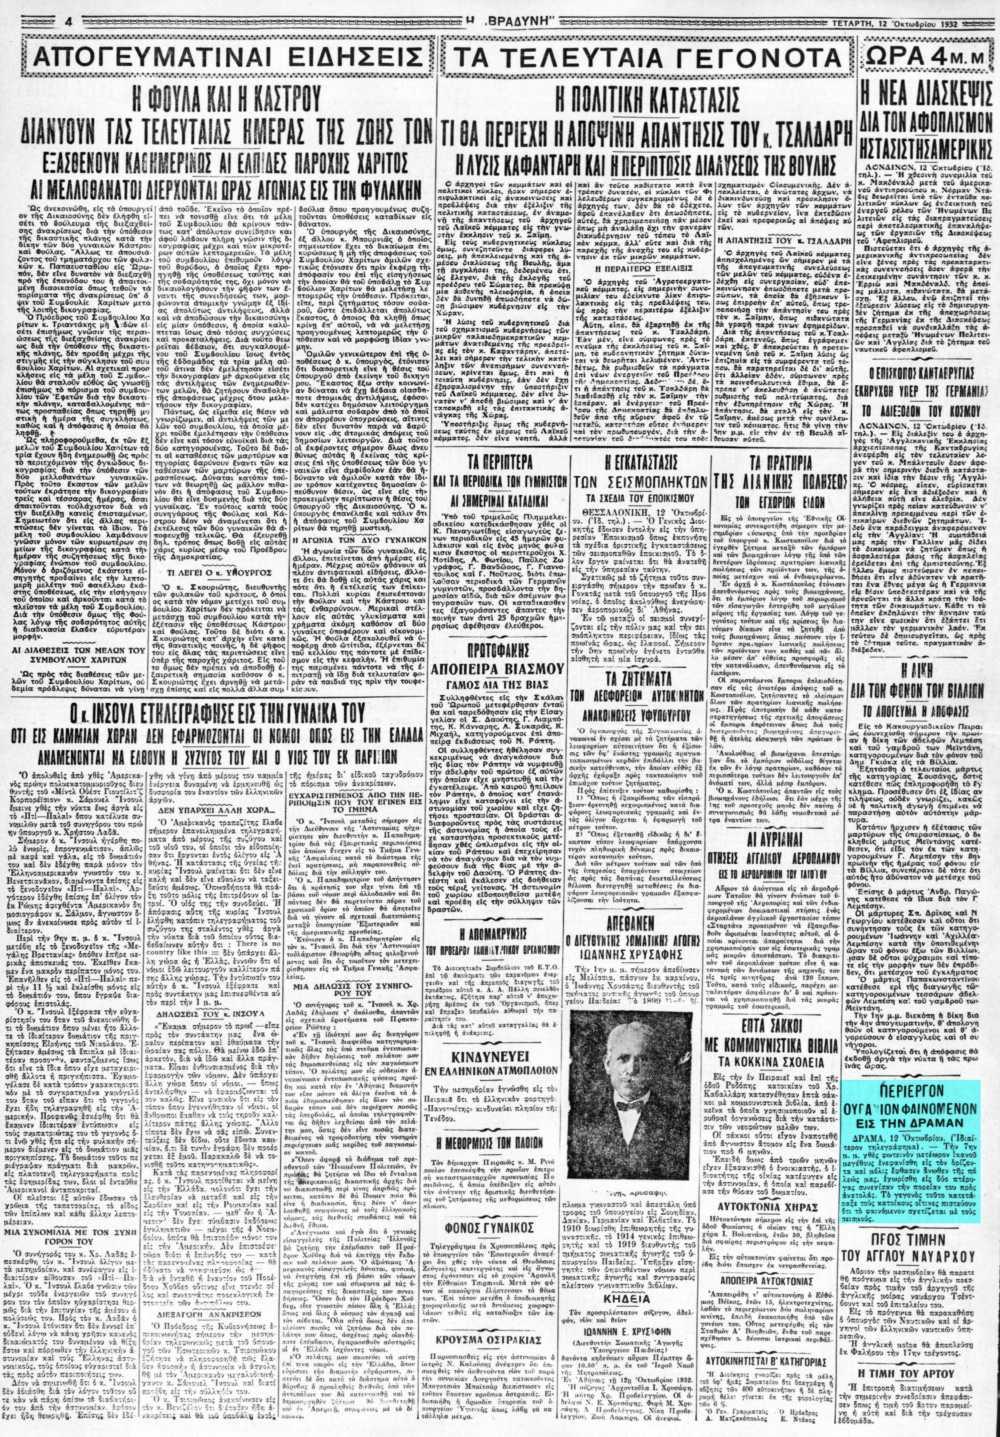 """Το άρθρο, όπως δημοσιεύθηκε στην εφημερίδα """"Η ΒΡΑΔΥΝΗ"""", στις 12/10/1932"""